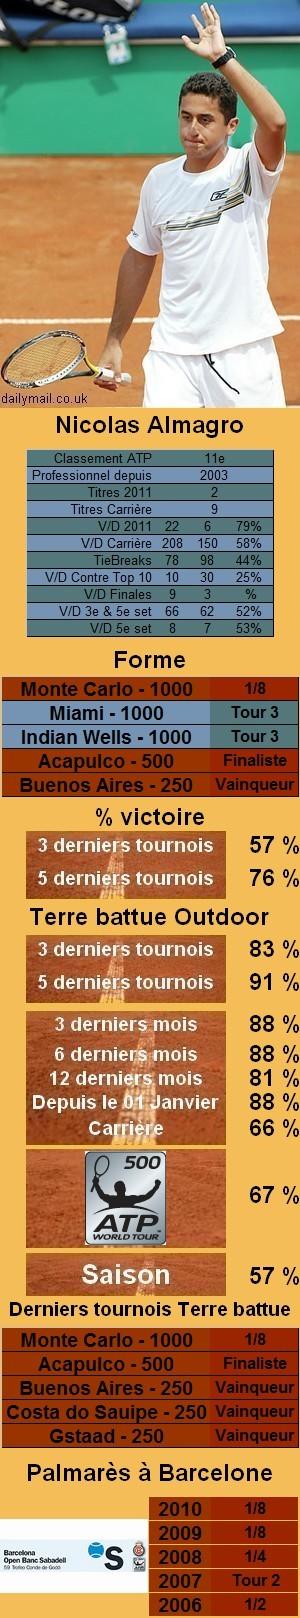 Les statistiques tennis de Nicolas Almagro pour le tournoi de Barcelone